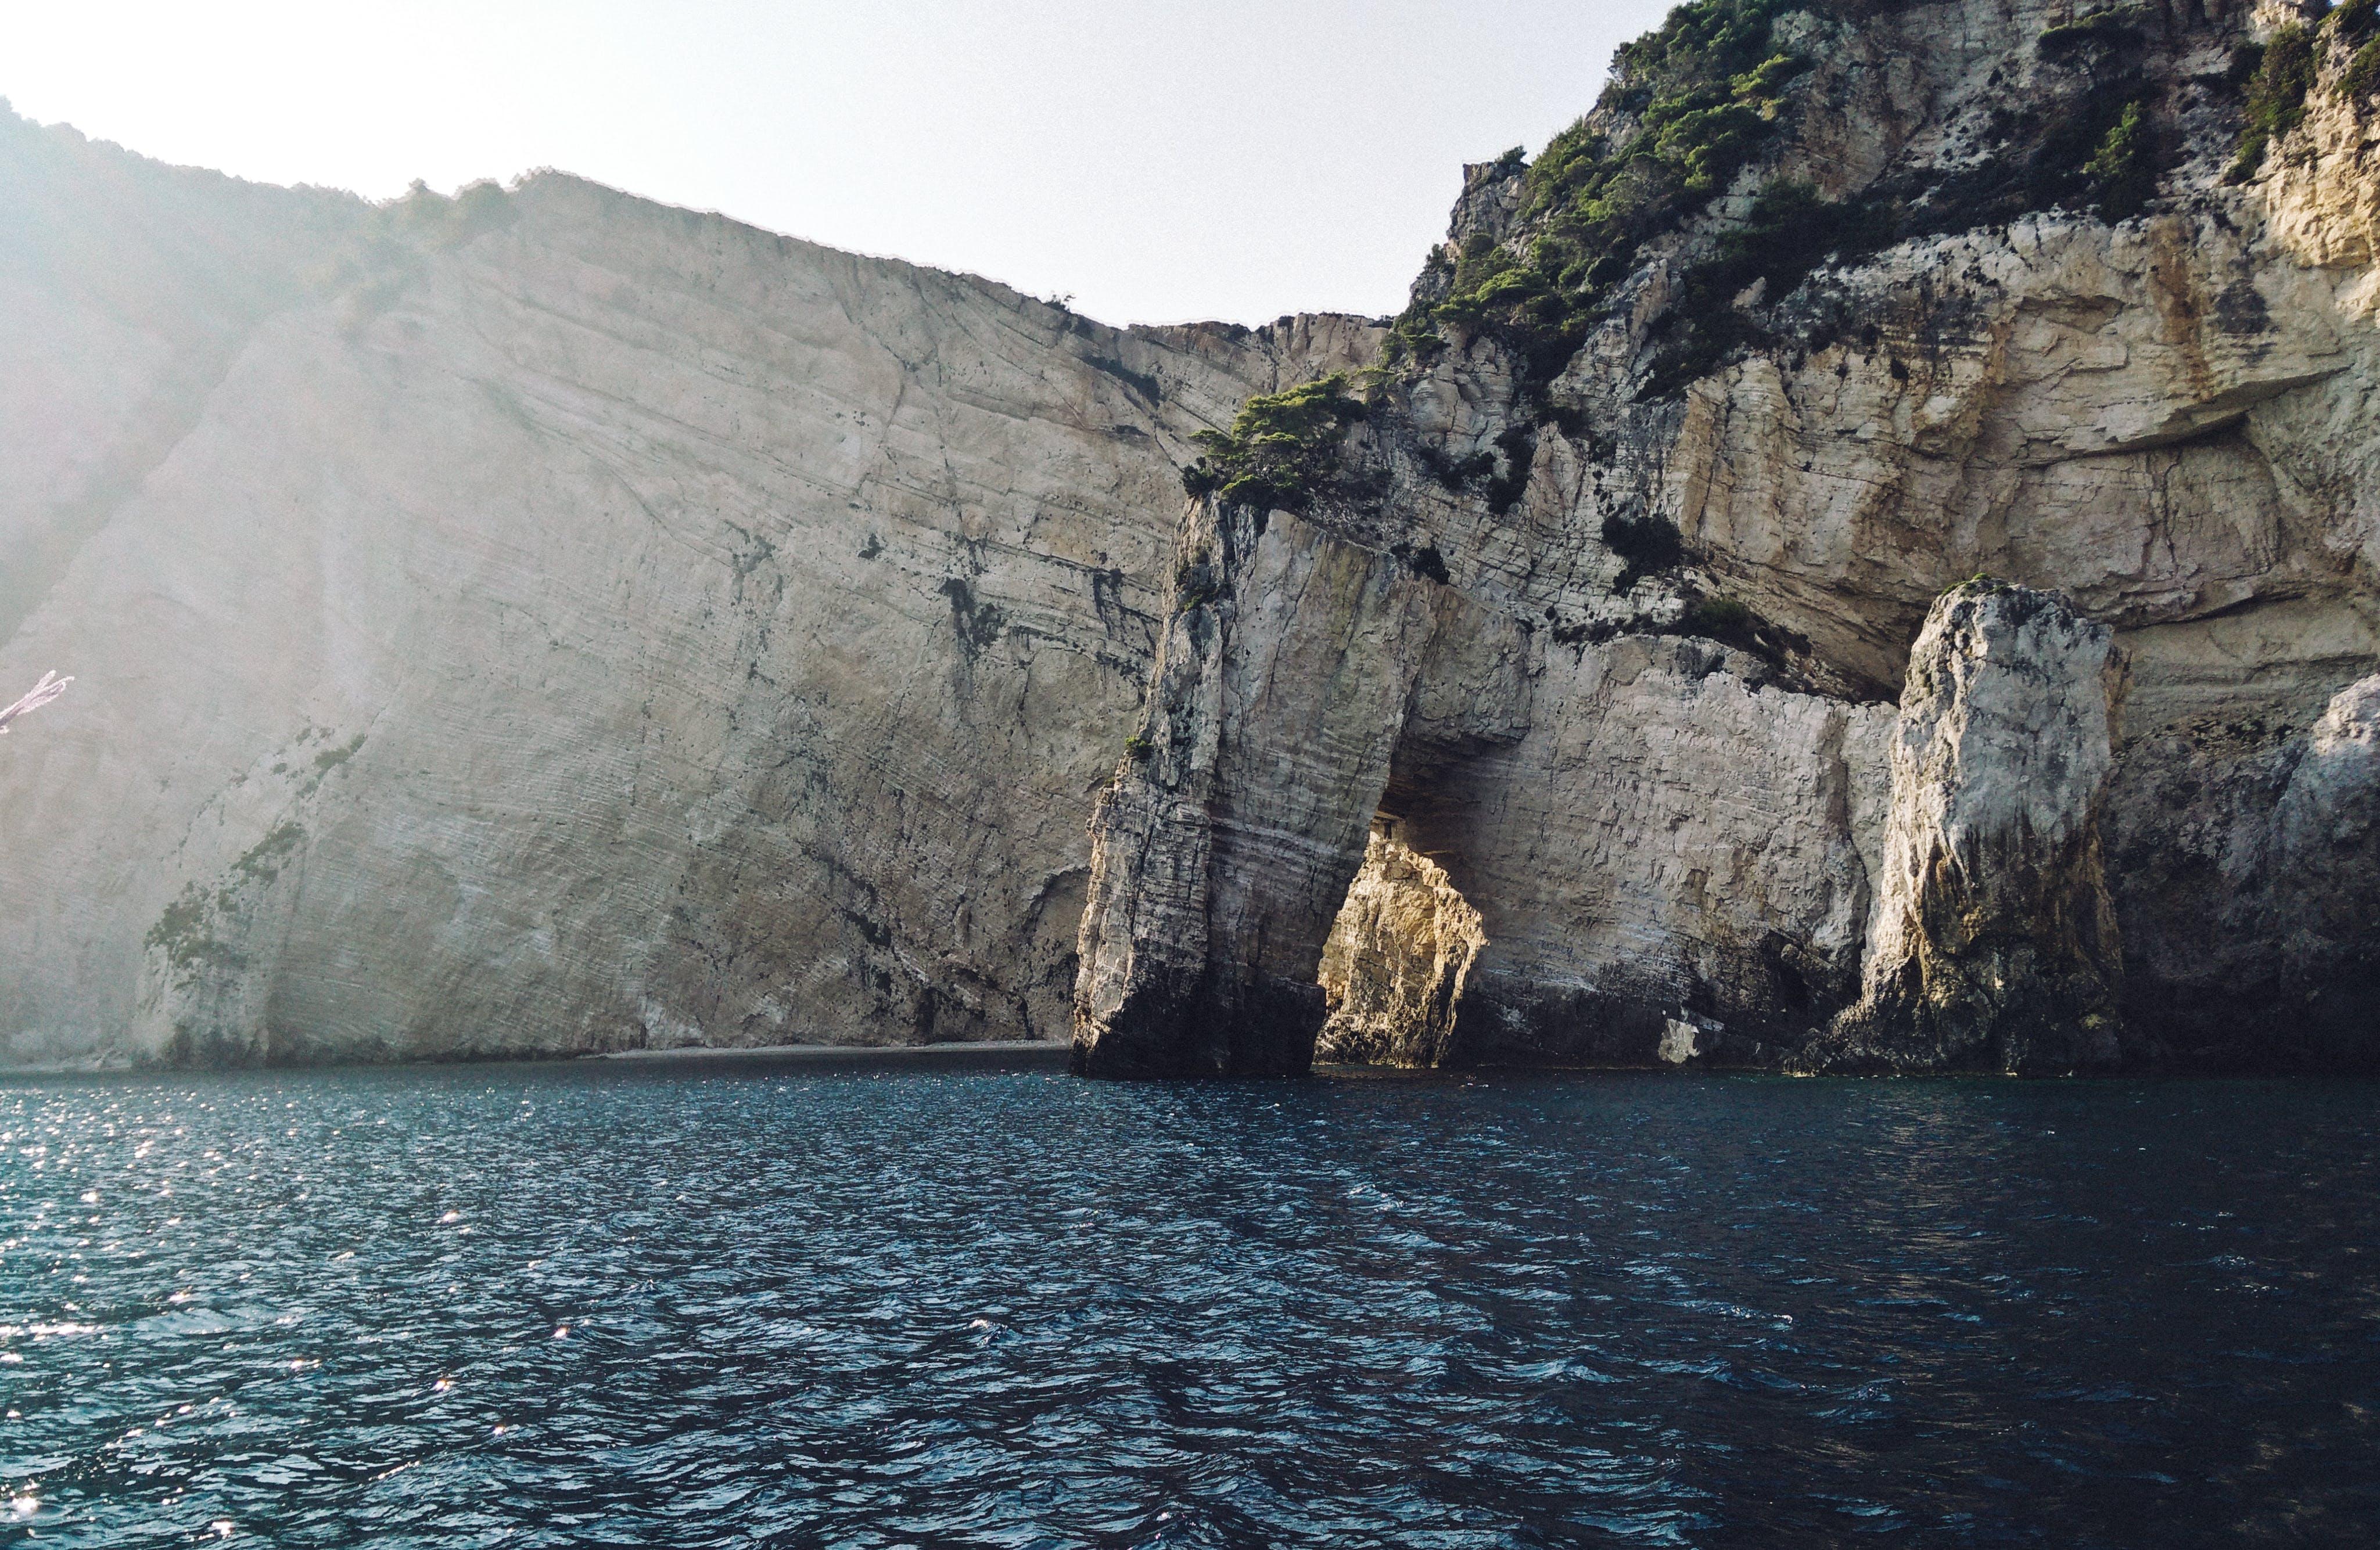 Body of Water Near in Rocks